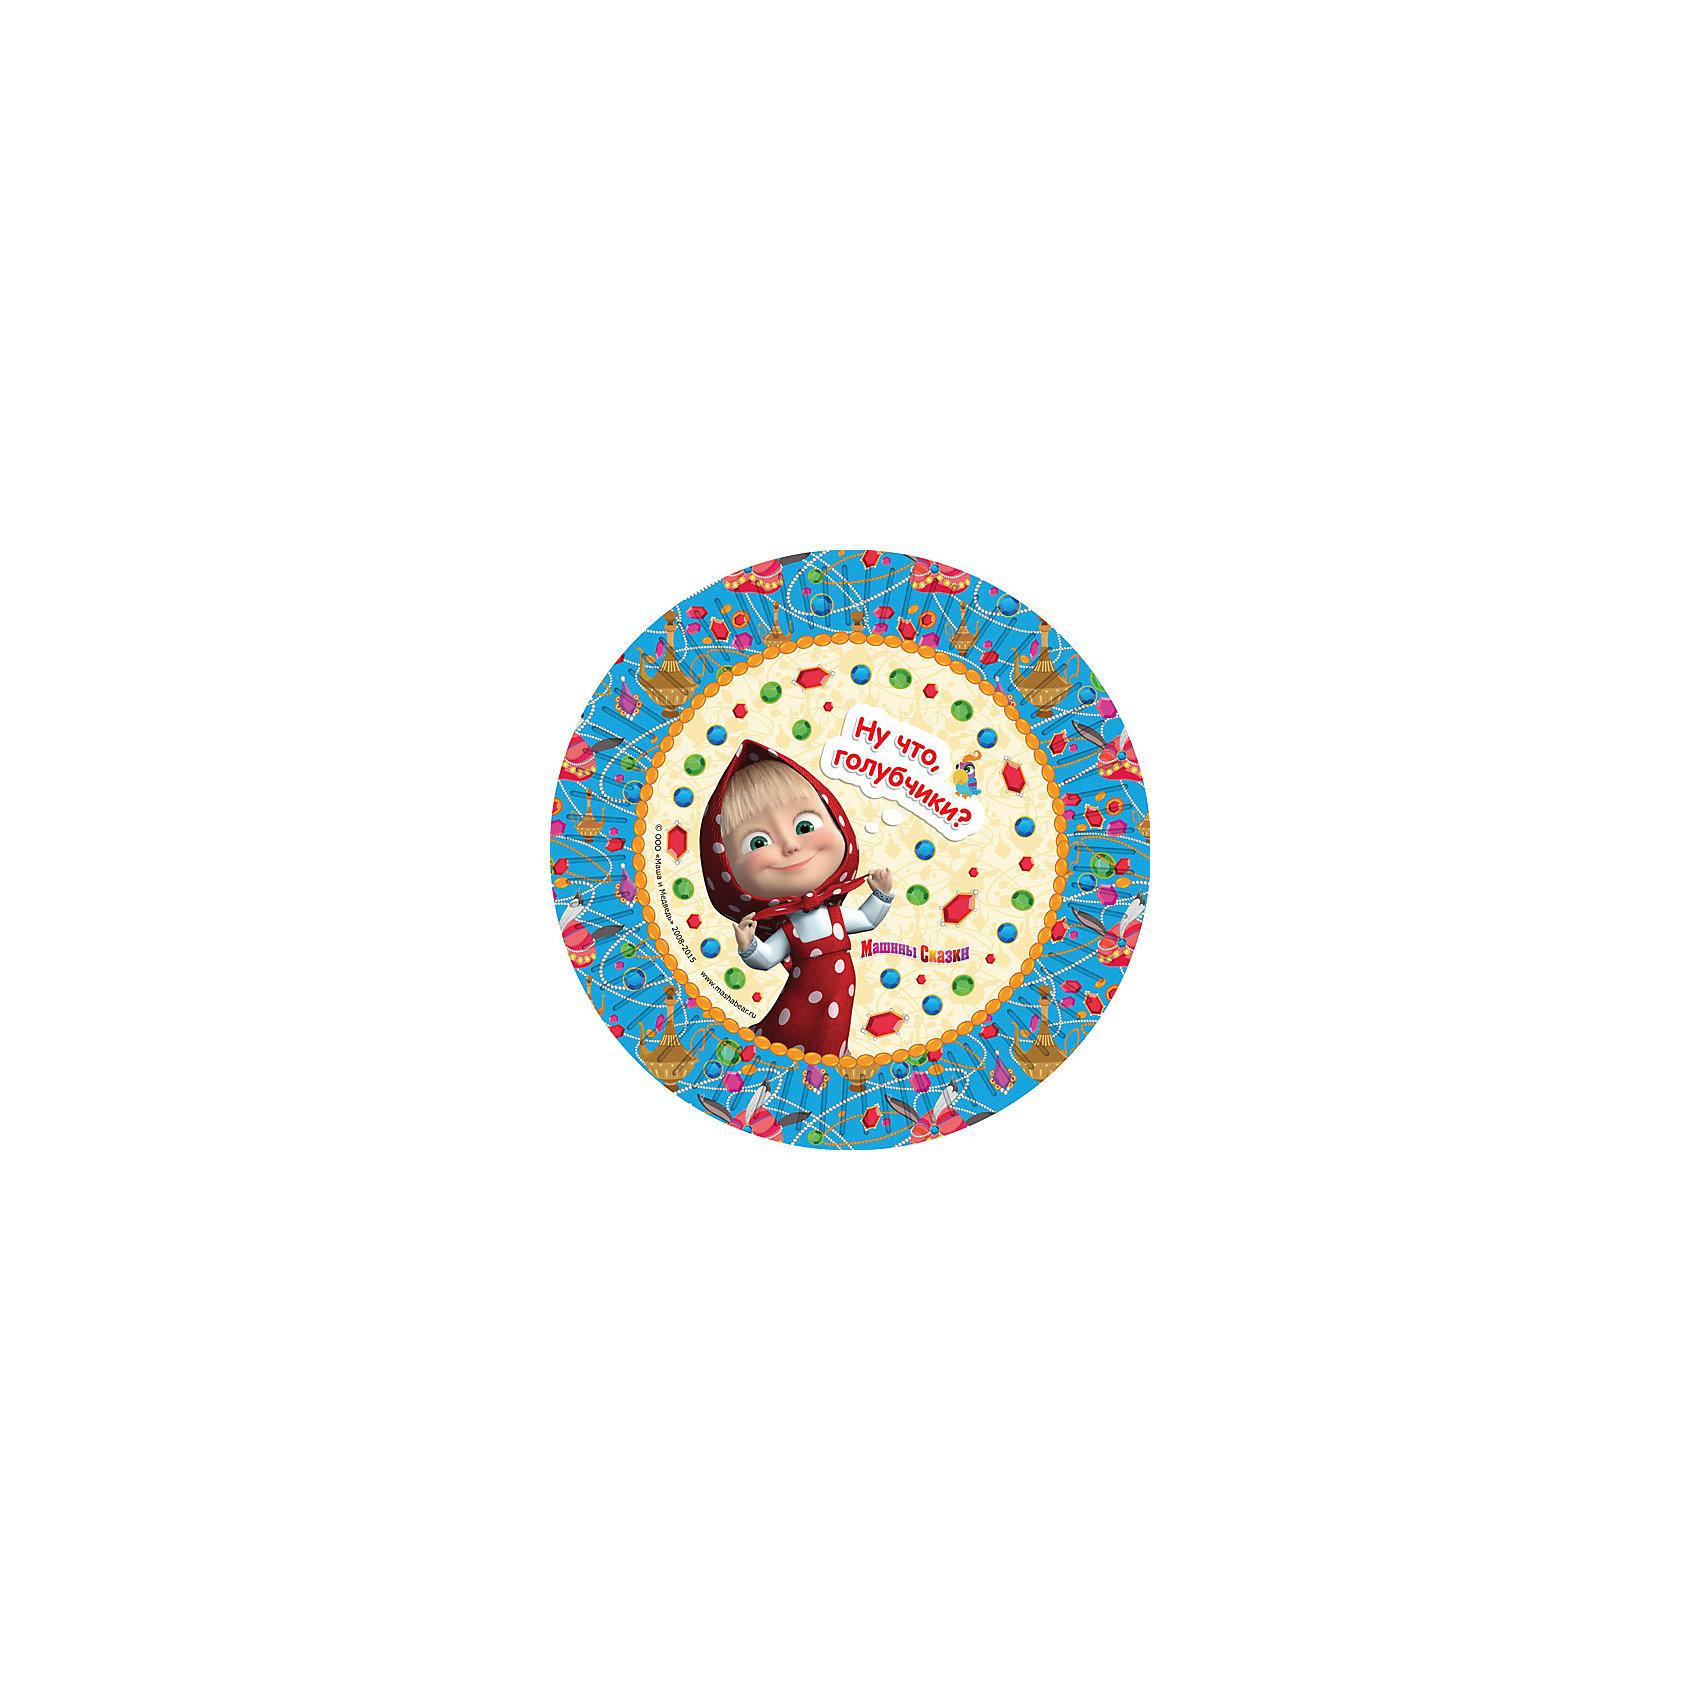 Тарелки Росмэн Машины сказки 6 шт, 18 смТарелки<br>Одноразовые тарелки «Машины сказки» ТМ «Маша и Медведь» с ярким, жизнерадостным дизайном стильно украсят праздничный стол и поднимут всем настроение. А на пикнике они просто необходимы! Их практическую пользу невозможно переоценить: они почти невесомы, не могут разбиться, их не надо мыть. Сделанные из плотной бумаги, они абсолютно безопасны и, благодаря глянцевому ламинированию, прекрасно удерживают еду. В наборе 6 бумажных тарелок диаметром 18 см. Упаковка – термоусадочная плёнка.<br><br>Ширина мм: 600<br>Глубина мм: 400<br>Высота мм: 350<br>Вес г: 50<br>Возраст от месяцев: 36<br>Возраст до месяцев: 2147483647<br>Пол: Унисекс<br>Возраст: Детский<br>SKU: 7127422